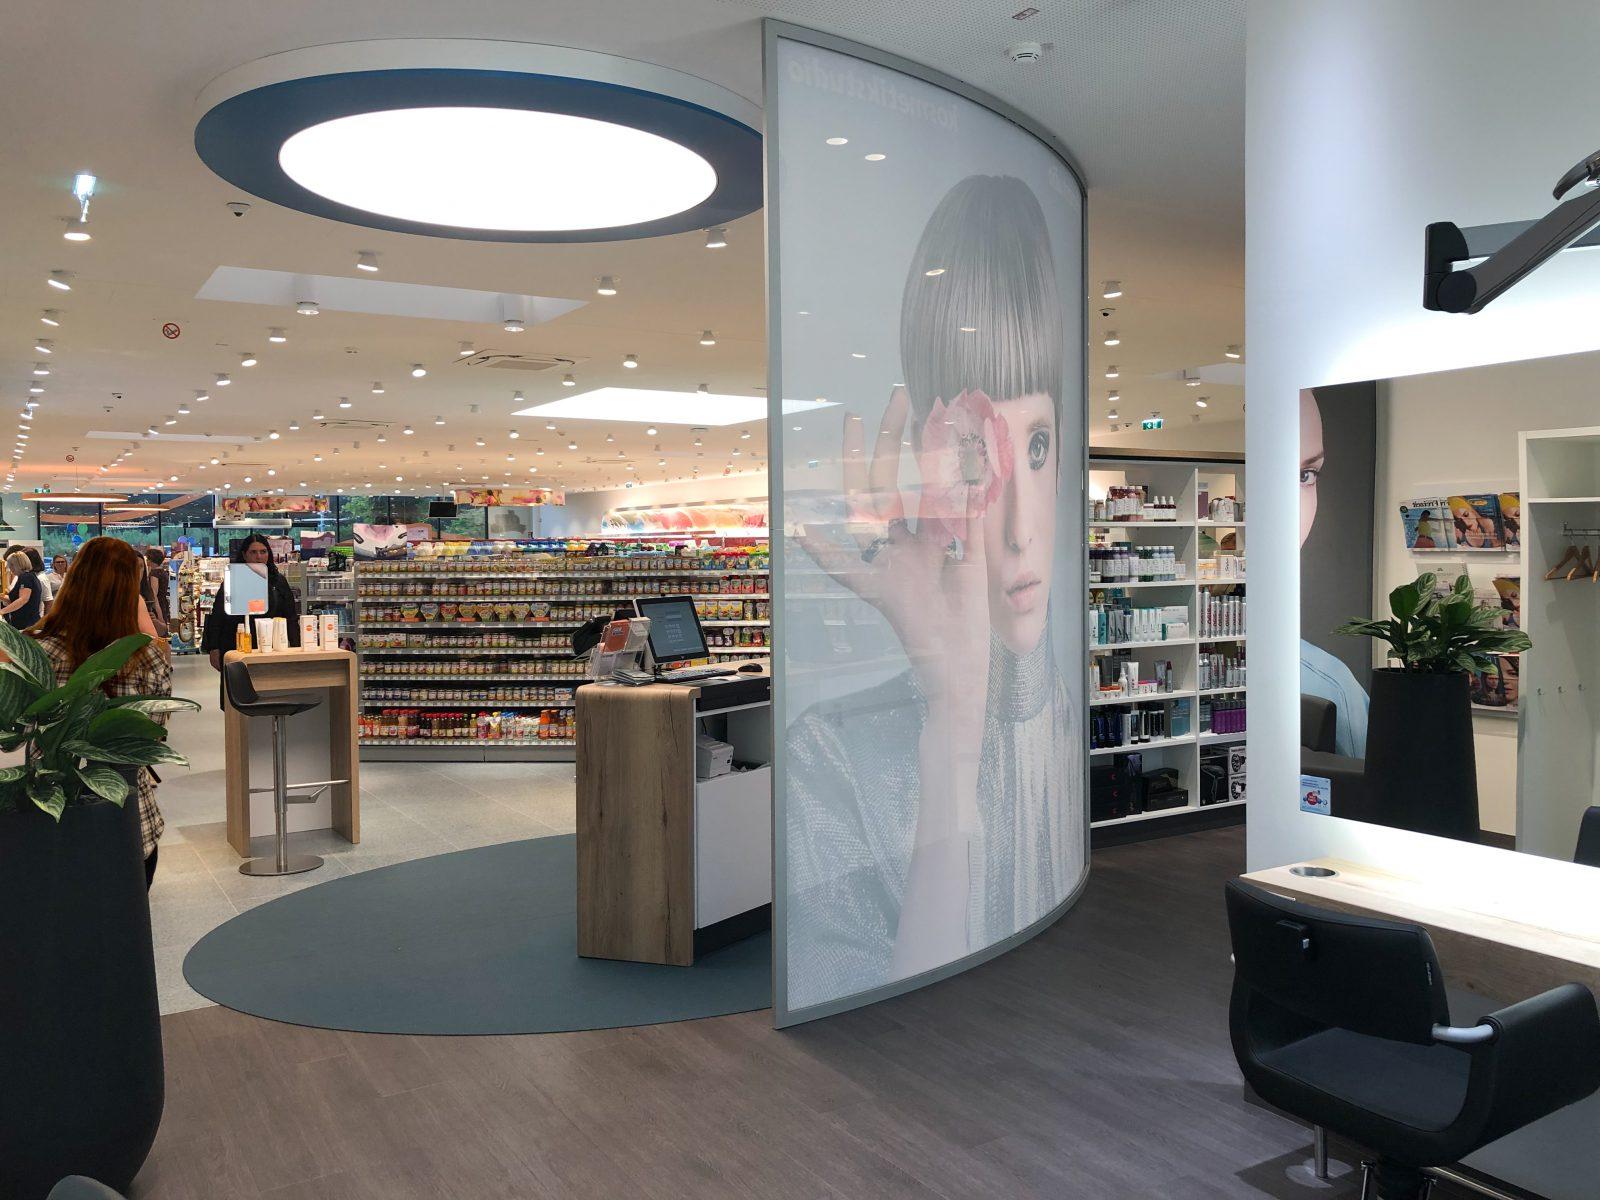 dm Kosmetik-Studio in Oesterreich im Design von LAY Innen Architekten Muenchen